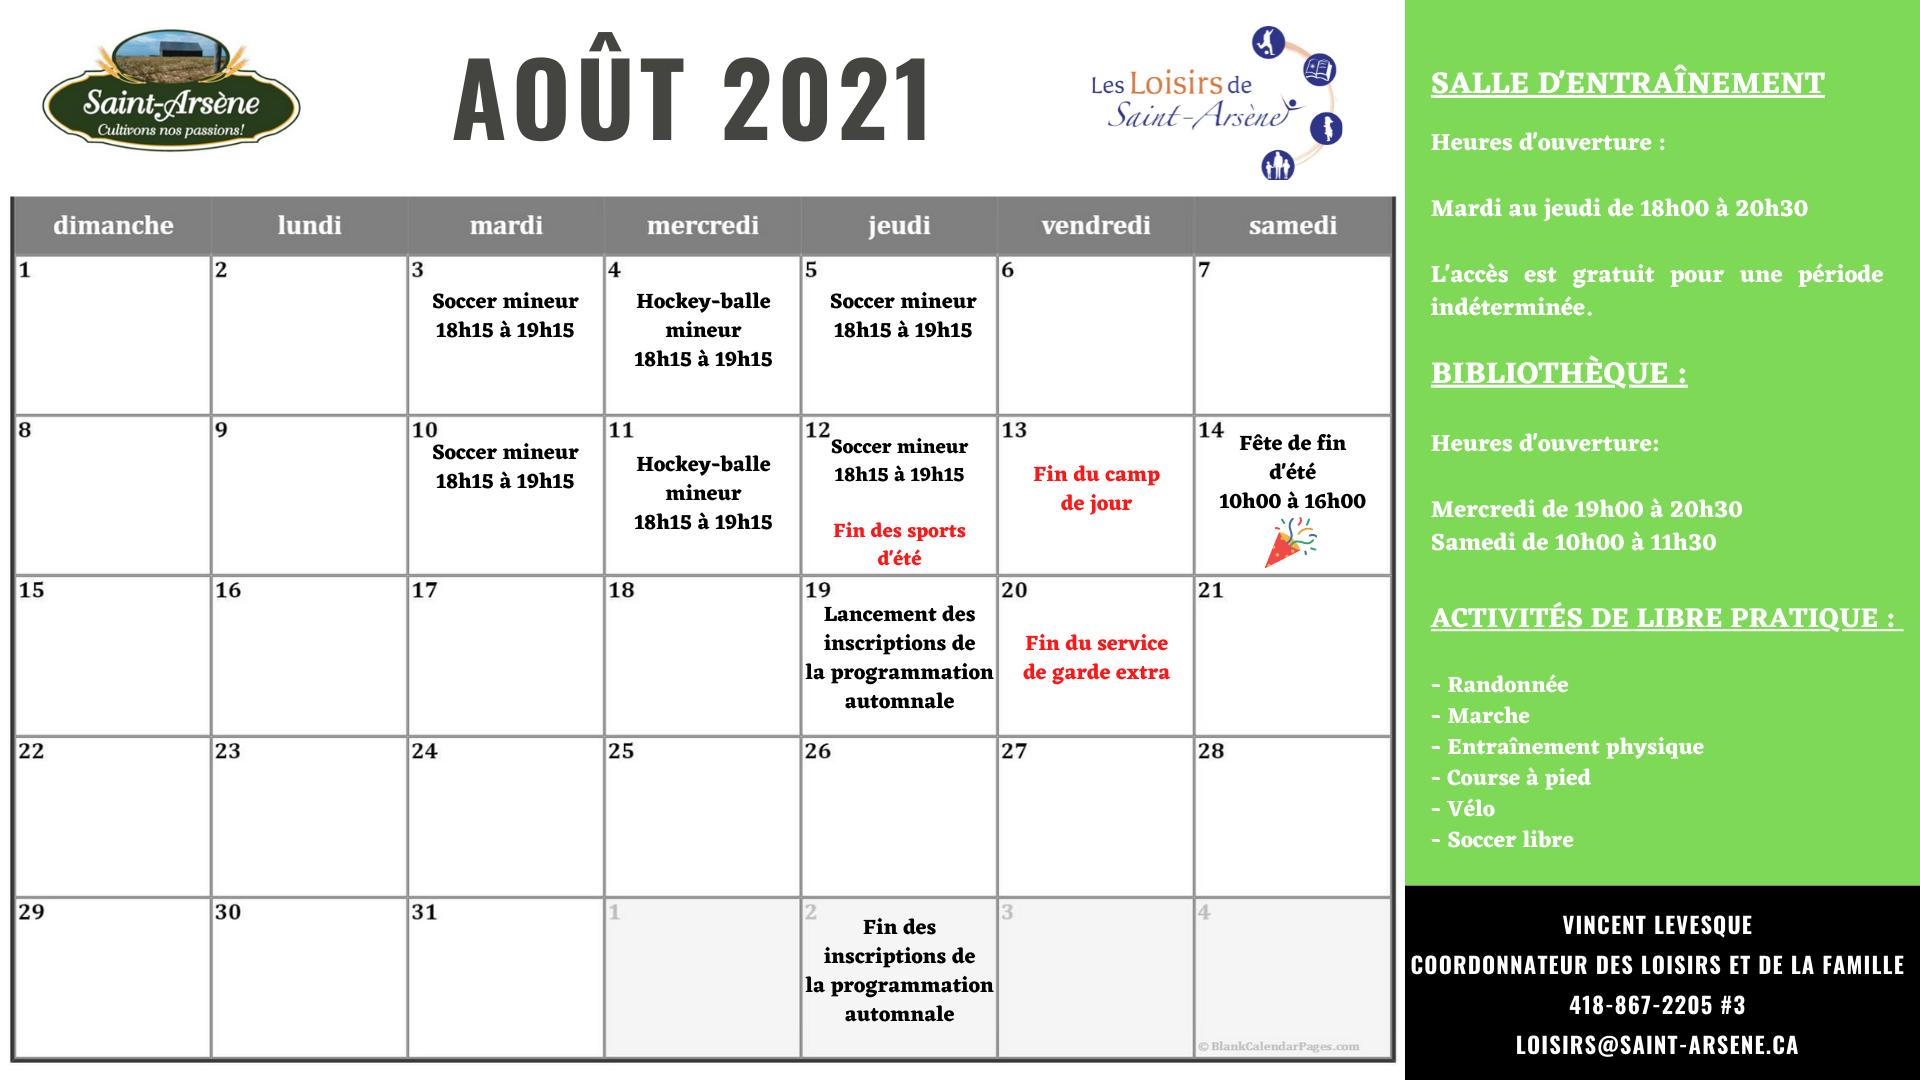 Calendrier activités loisirs août 2021